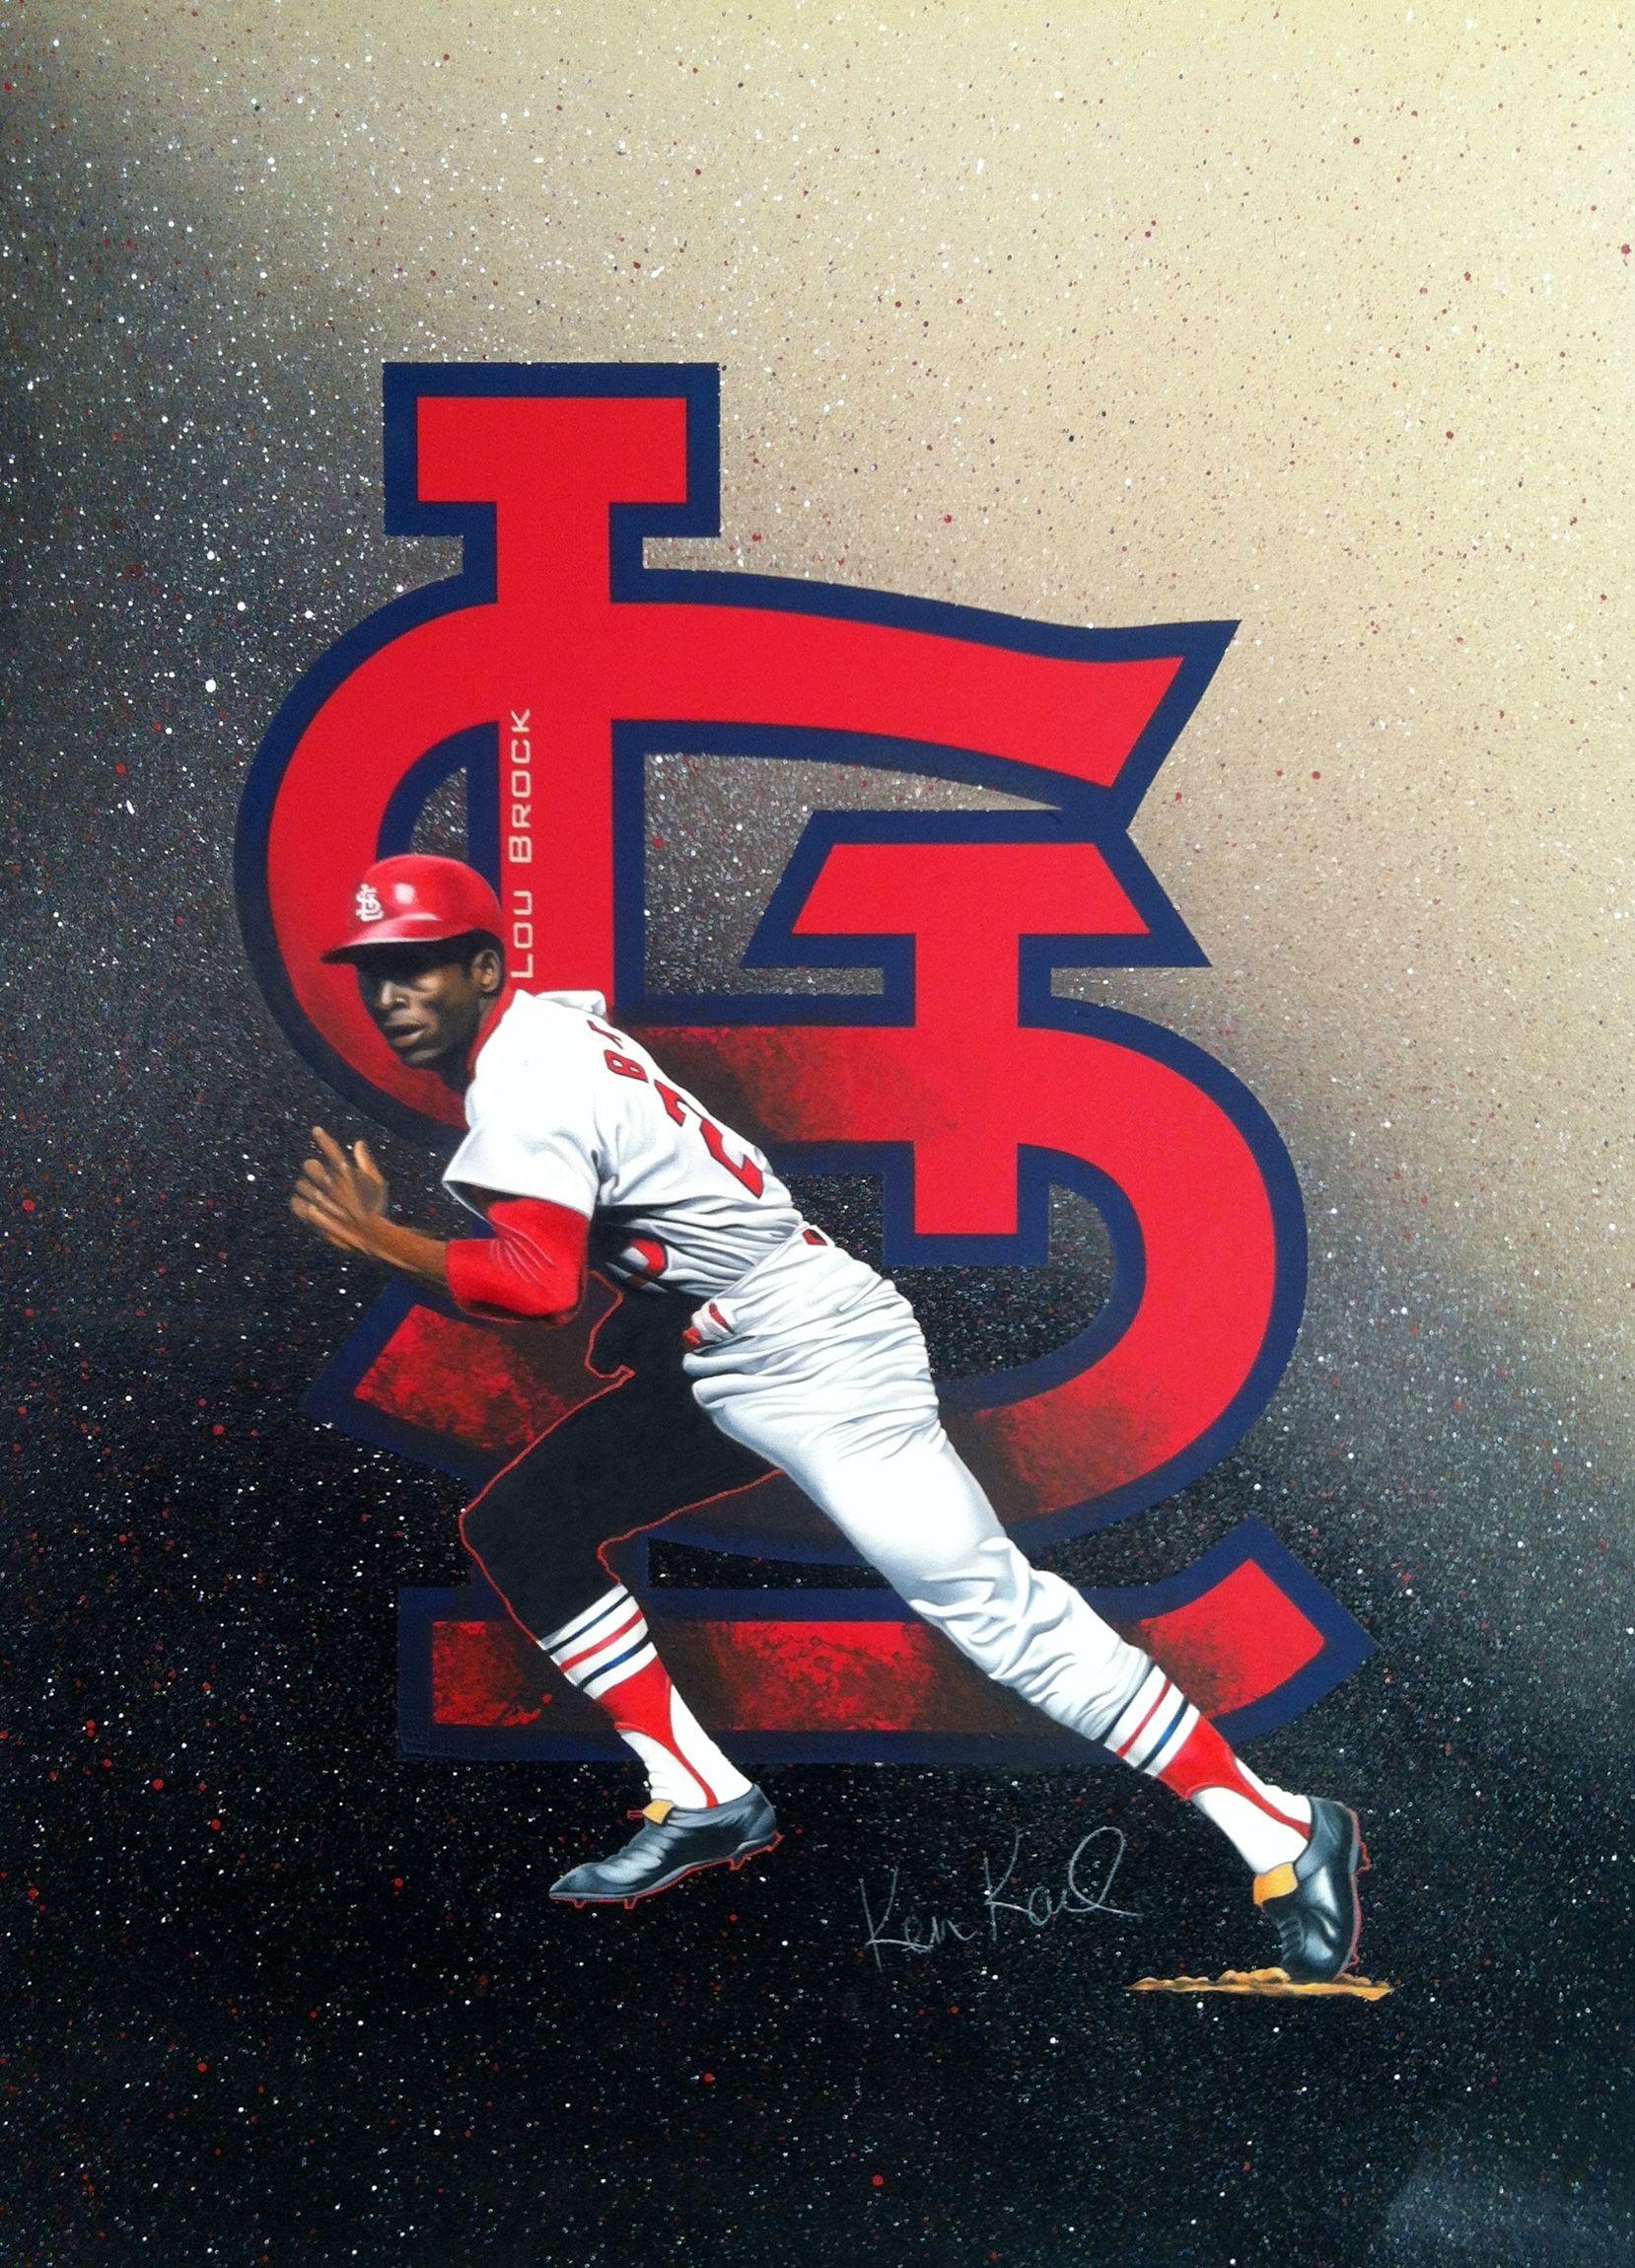 Lou brock drawing st louis cardinals baseball stl cardinals mlb nationals major league